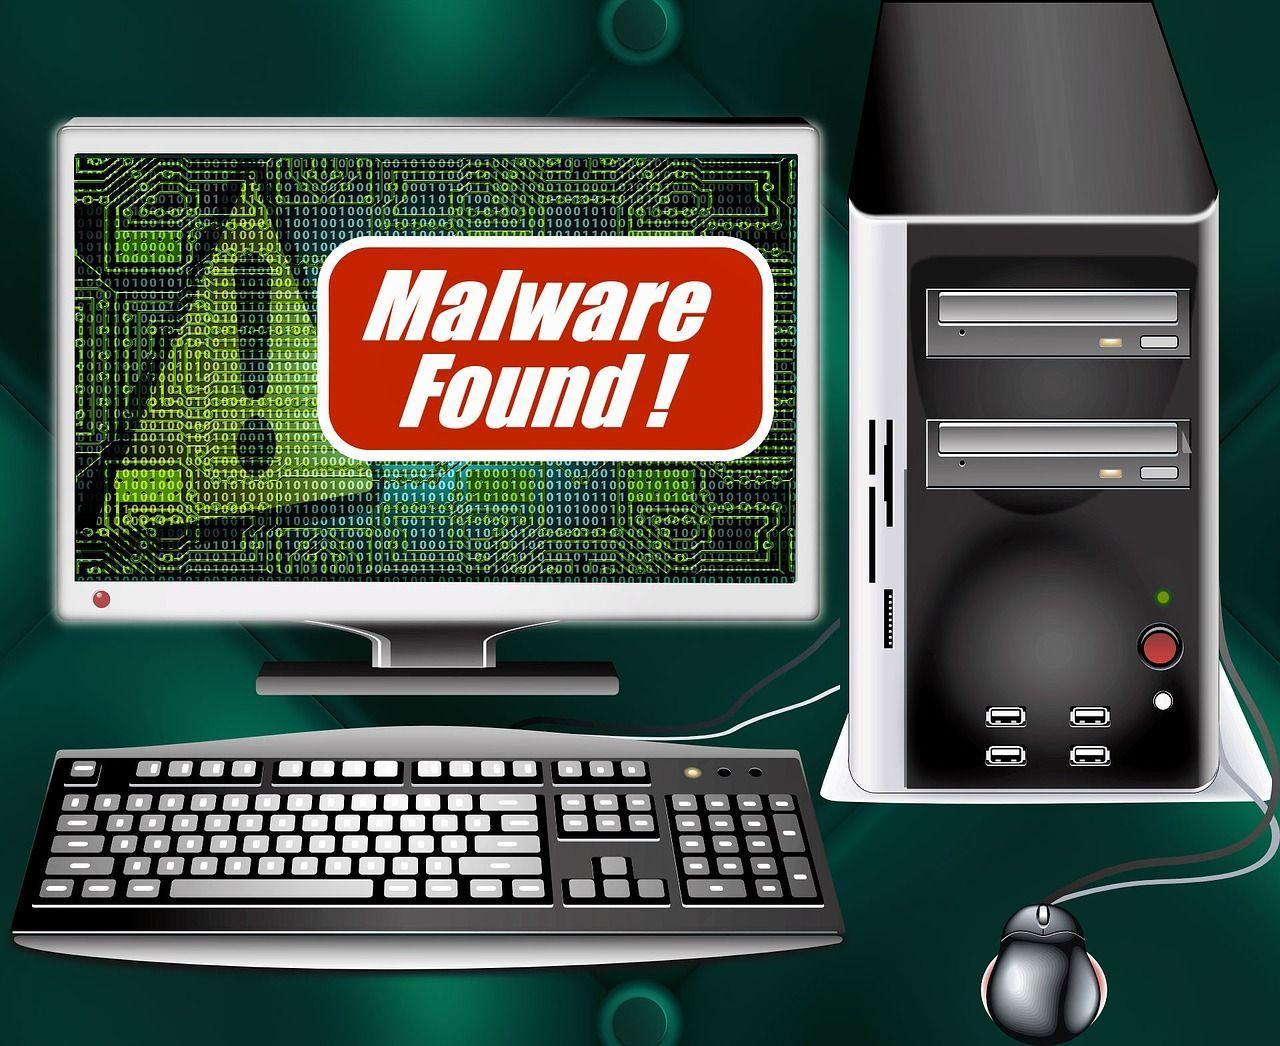 Submelius, il malware più diffuso in Italia: come funziona e come difendersi